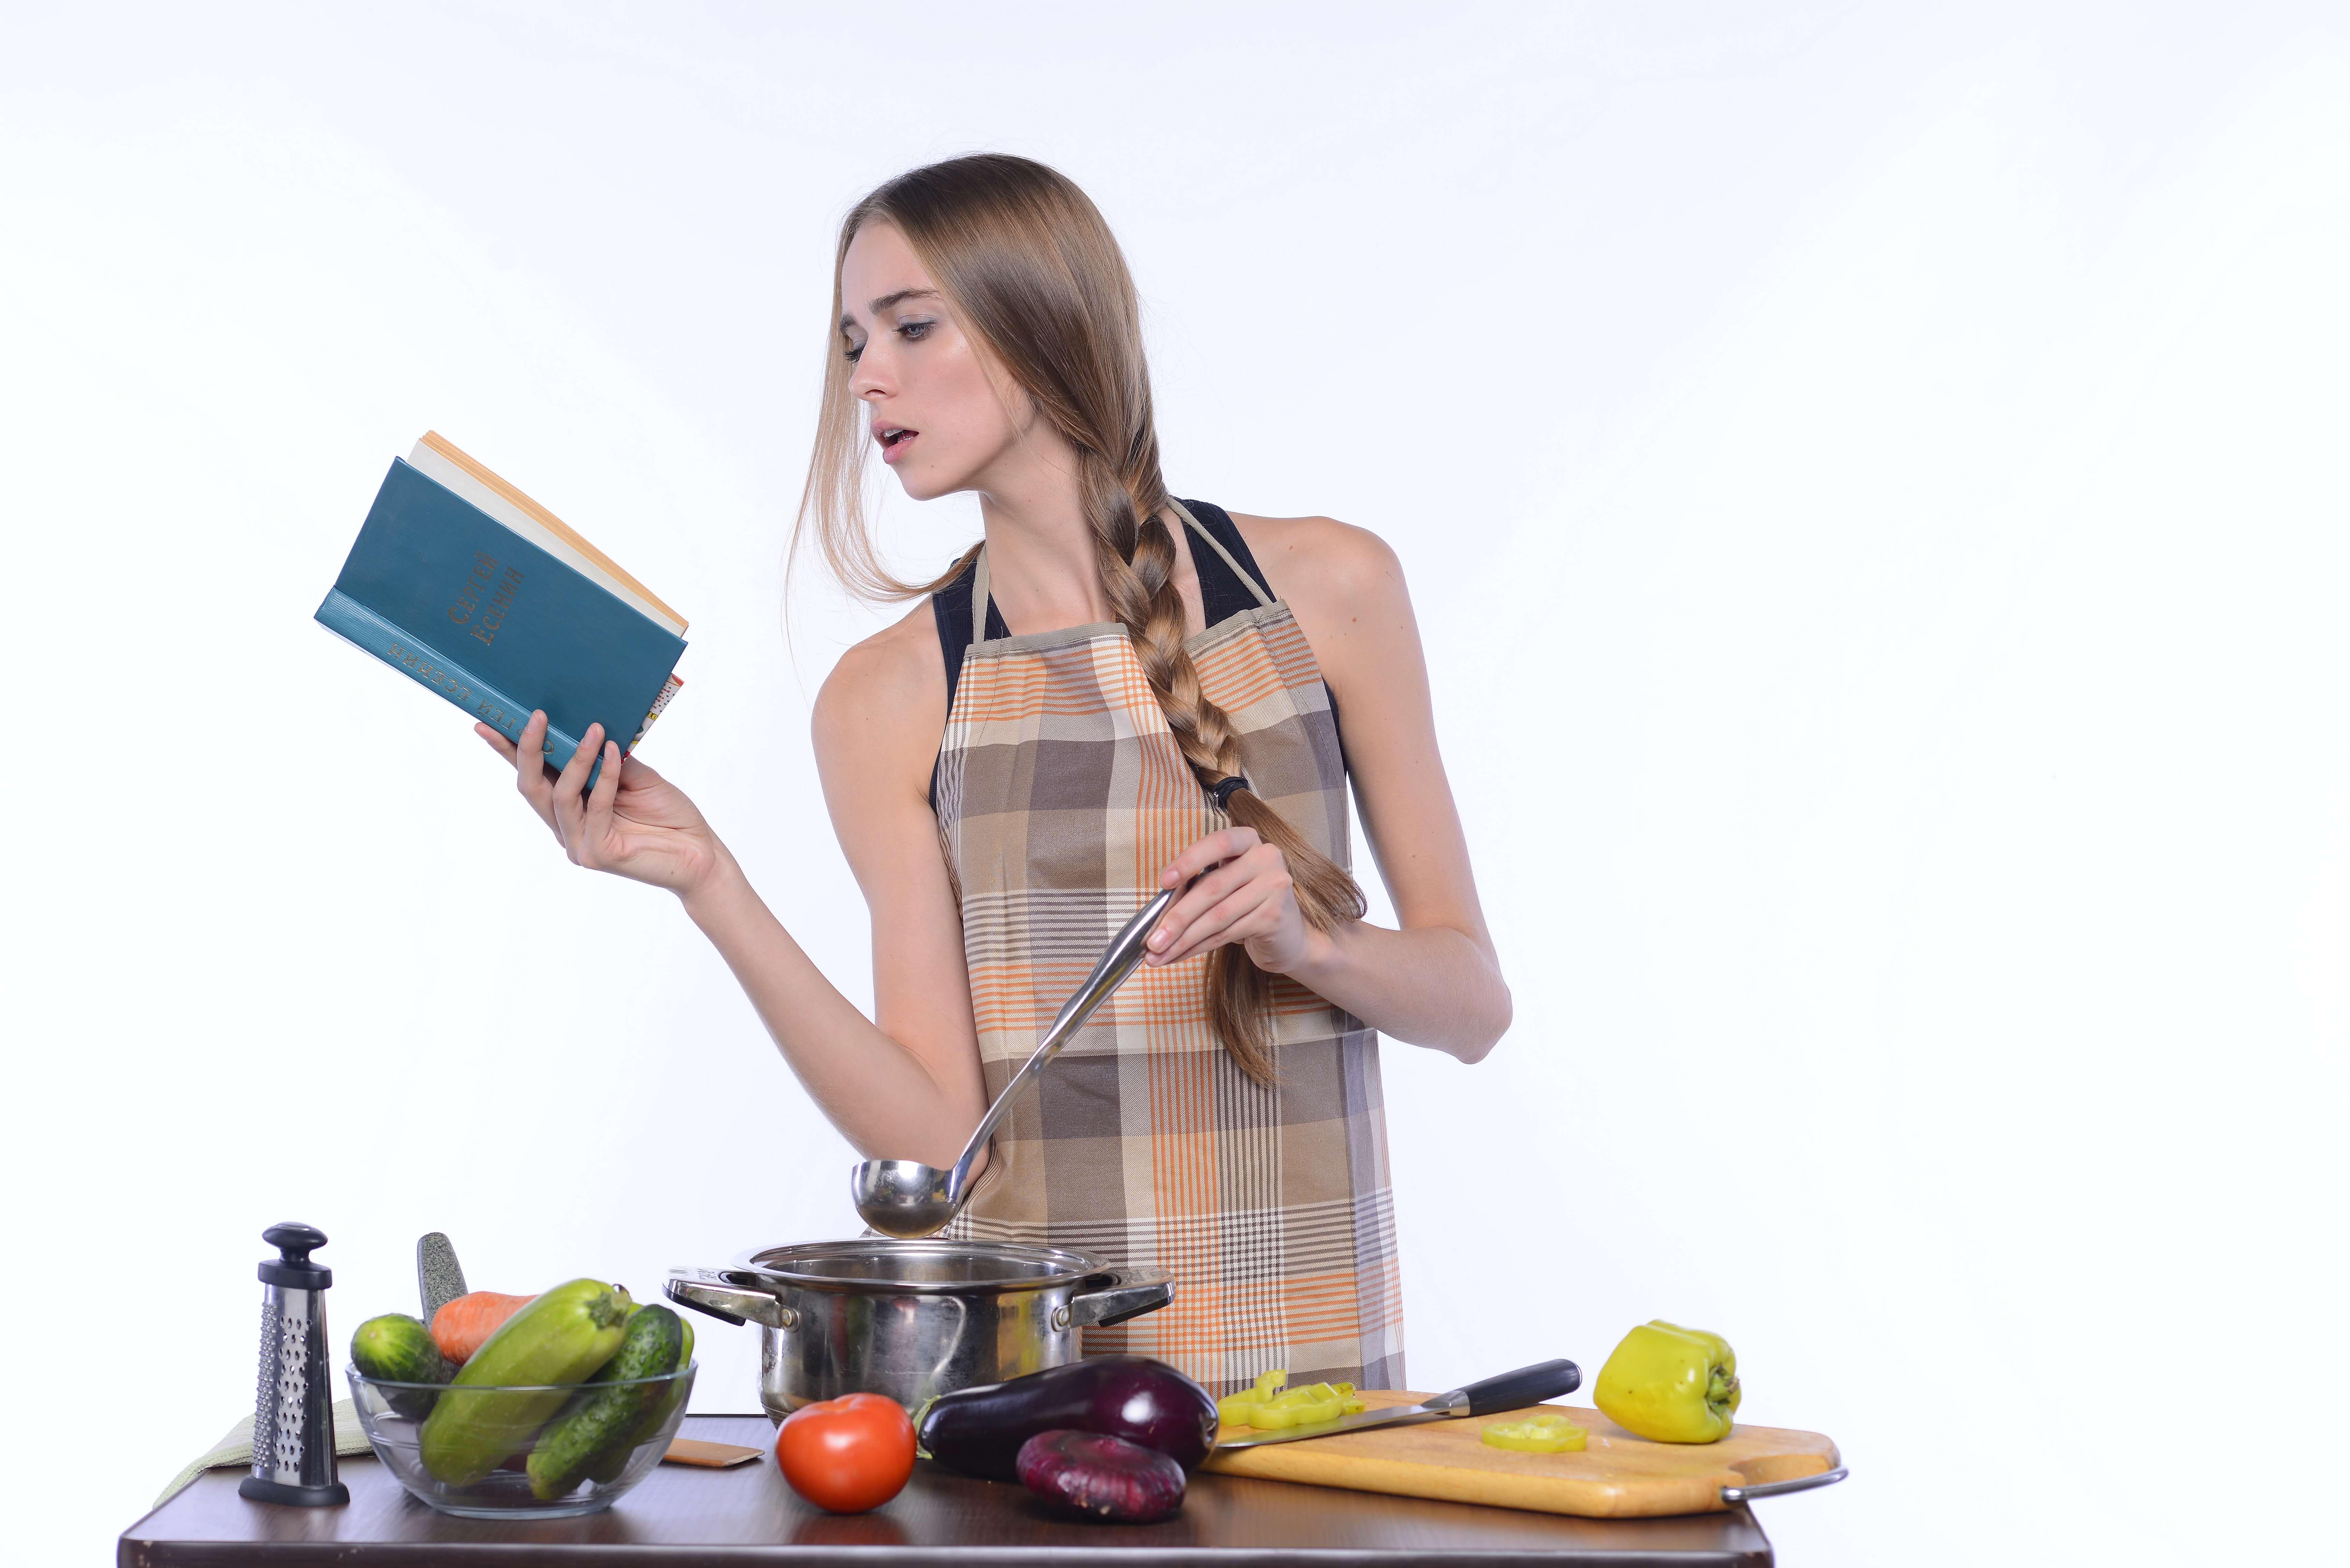 「一生懸命作ったのに!」男性が彼女の手料理にガッカリする瞬間とは